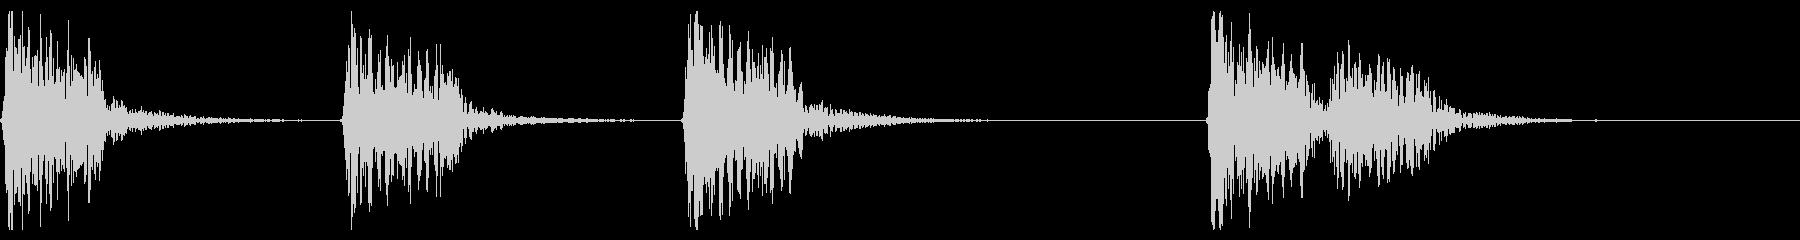 男の ボサノバ ナイロンギターの未再生の波形